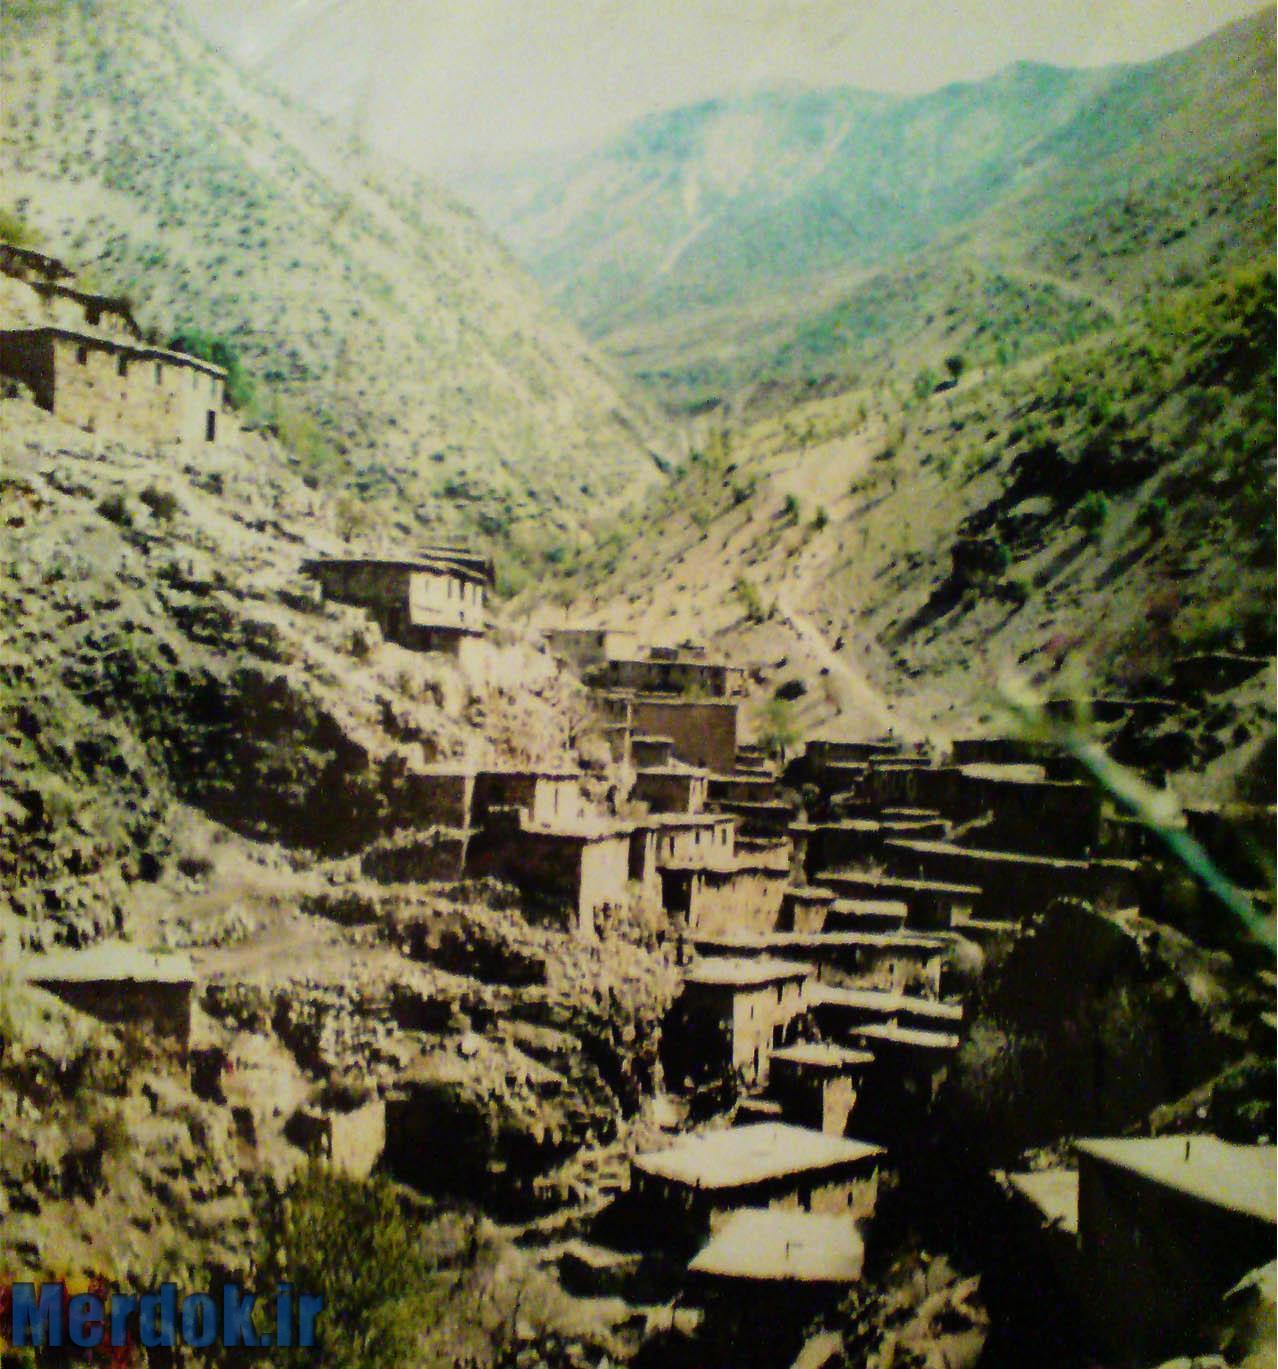 روستای بلم زان (بله بزان)